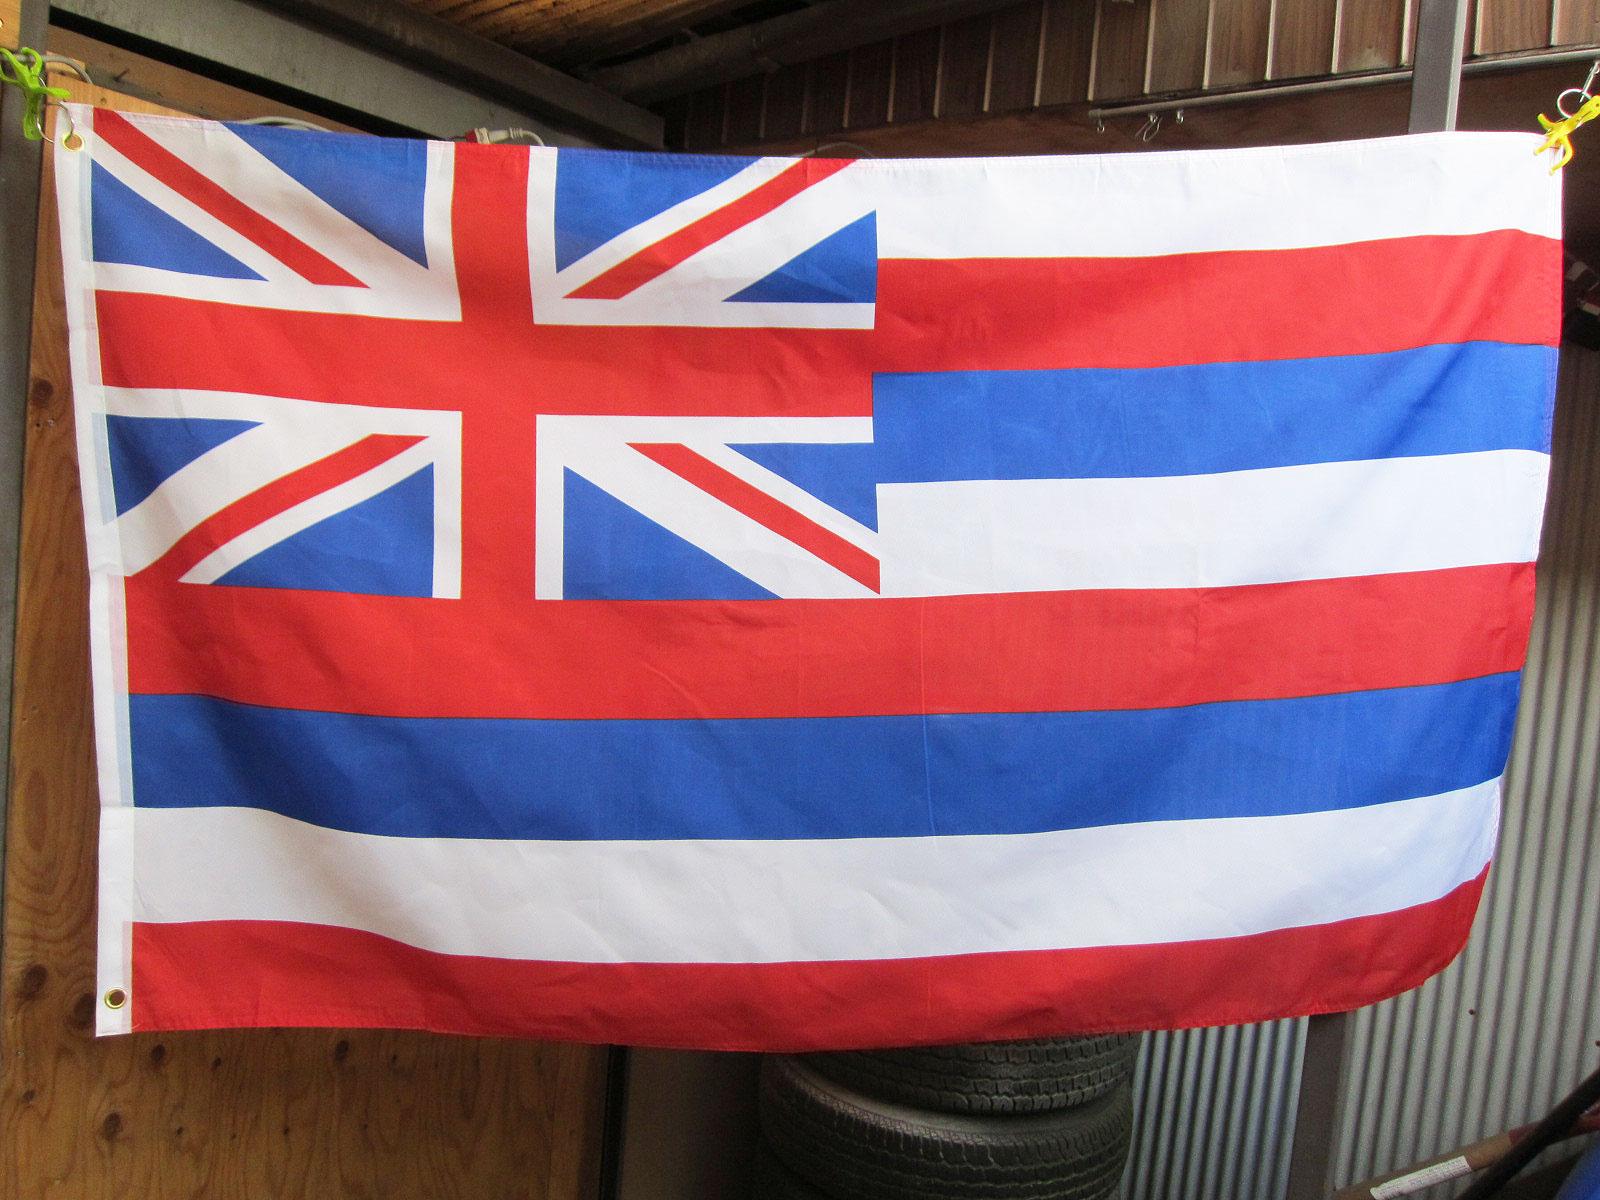 Hawaii Flag 3x5ft ★ハワイ州旗 みんな大好きハワイの州の旗 約150X90cm アメリカン雑貨 [並行輸入品]